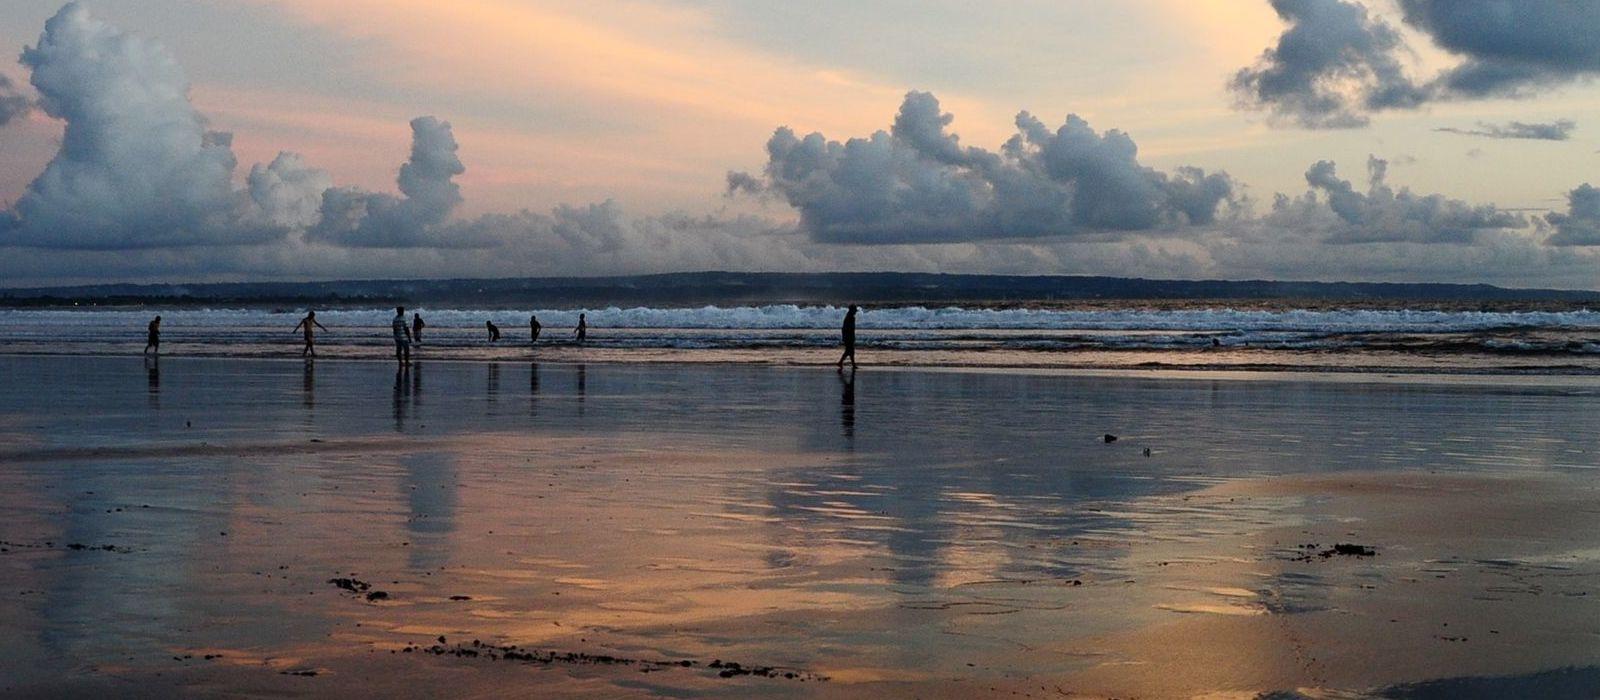 Die Wunderwelt Balis – Kultur, Natur und Traumstrände Urlaub 5